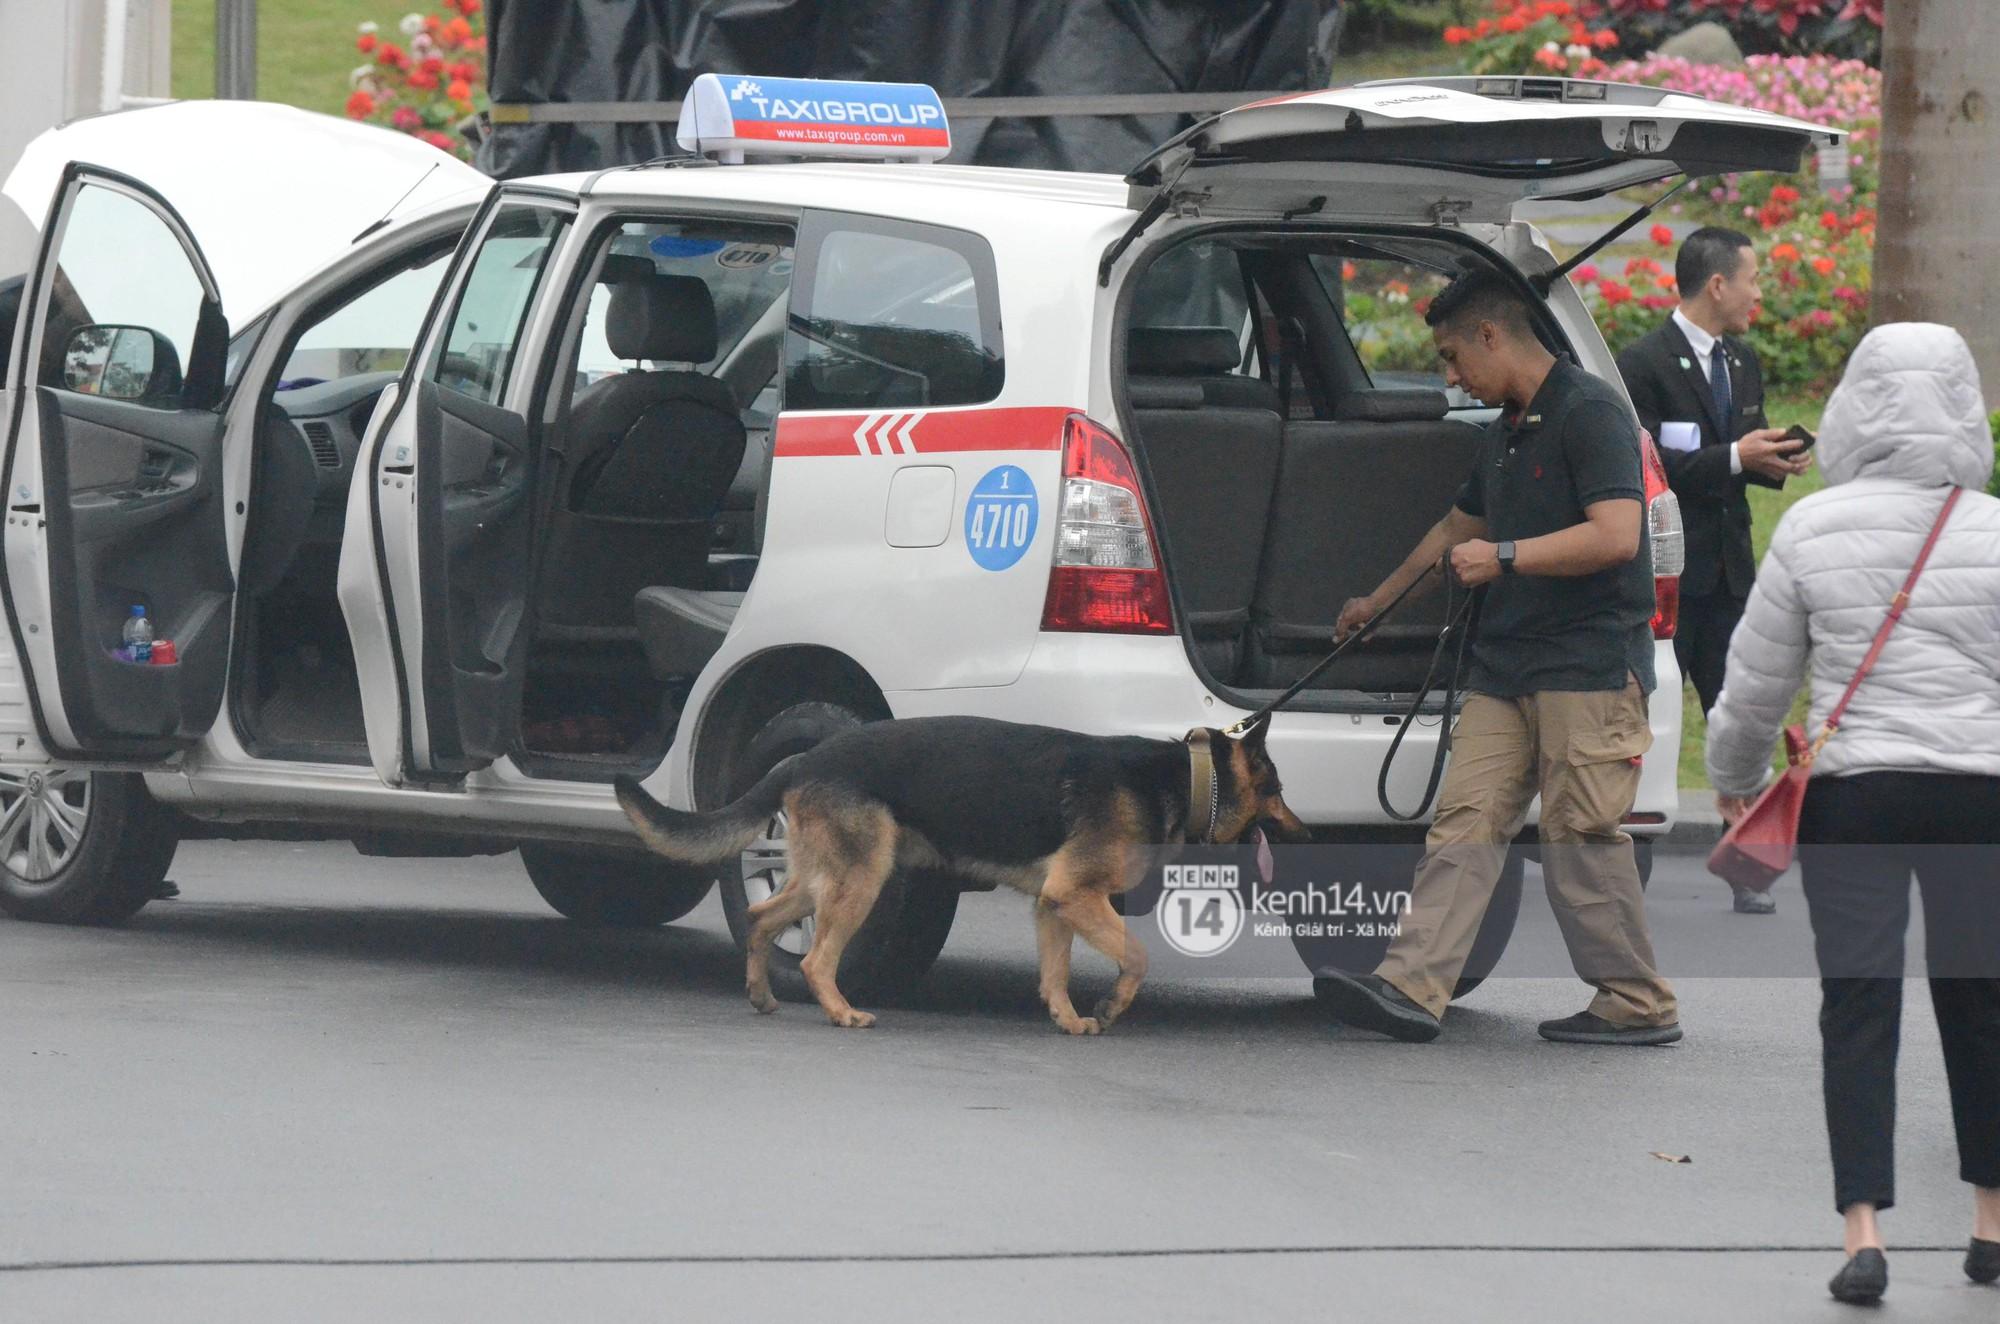 An ninh tại khách sạn Marriott được thắt chặt, TT Trump chuẩn bị lên đường gặp gỡ Tổng bí thư, Chủ tịch nước Nguyễn Phú Trọng - Ảnh 7.